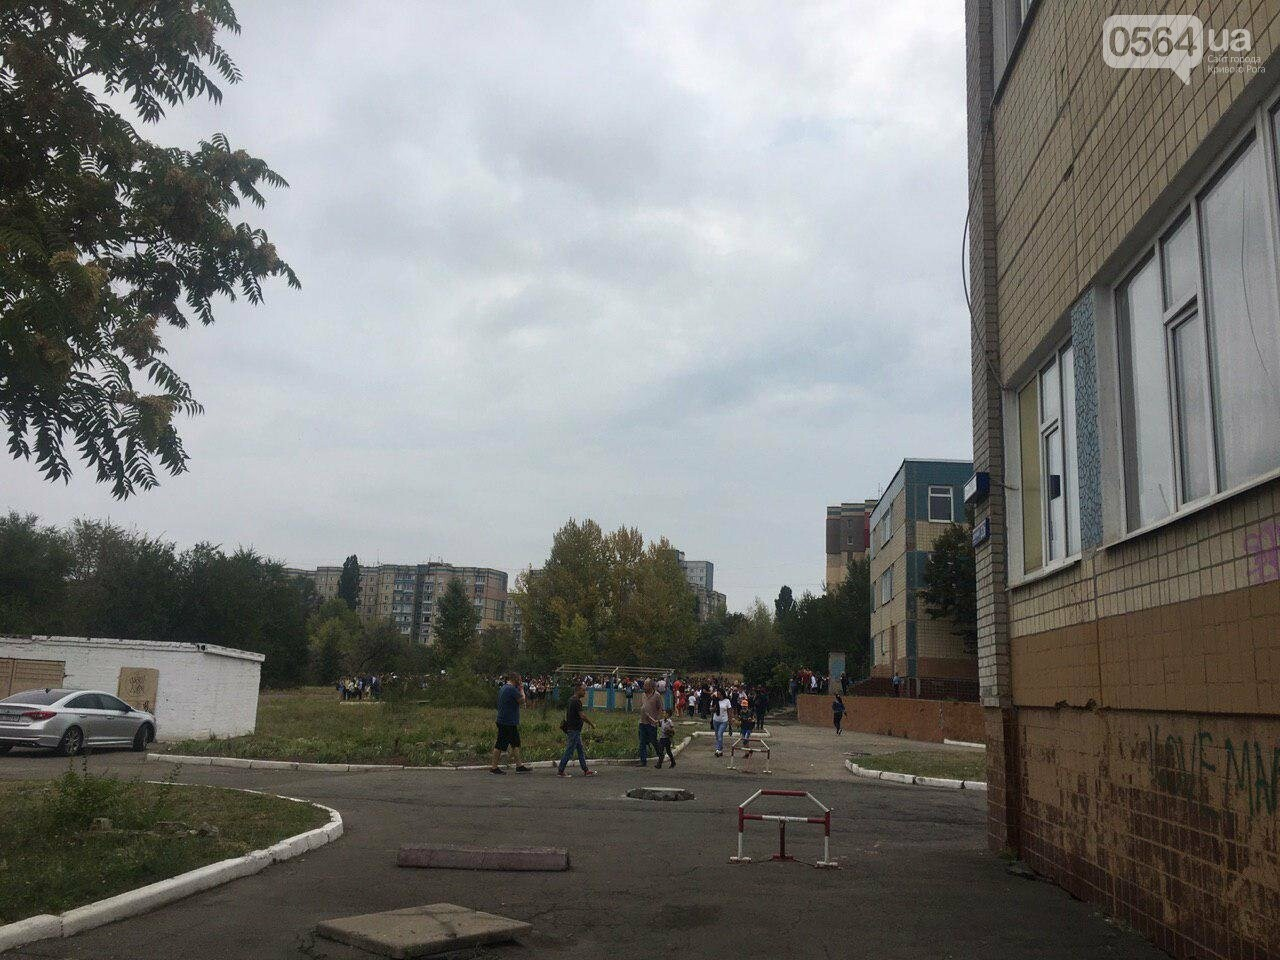 В одной из школ Кривого Рога из-за распыления неизвестного вещества срочно эвакуировали детей, - ФОТО, фото-7